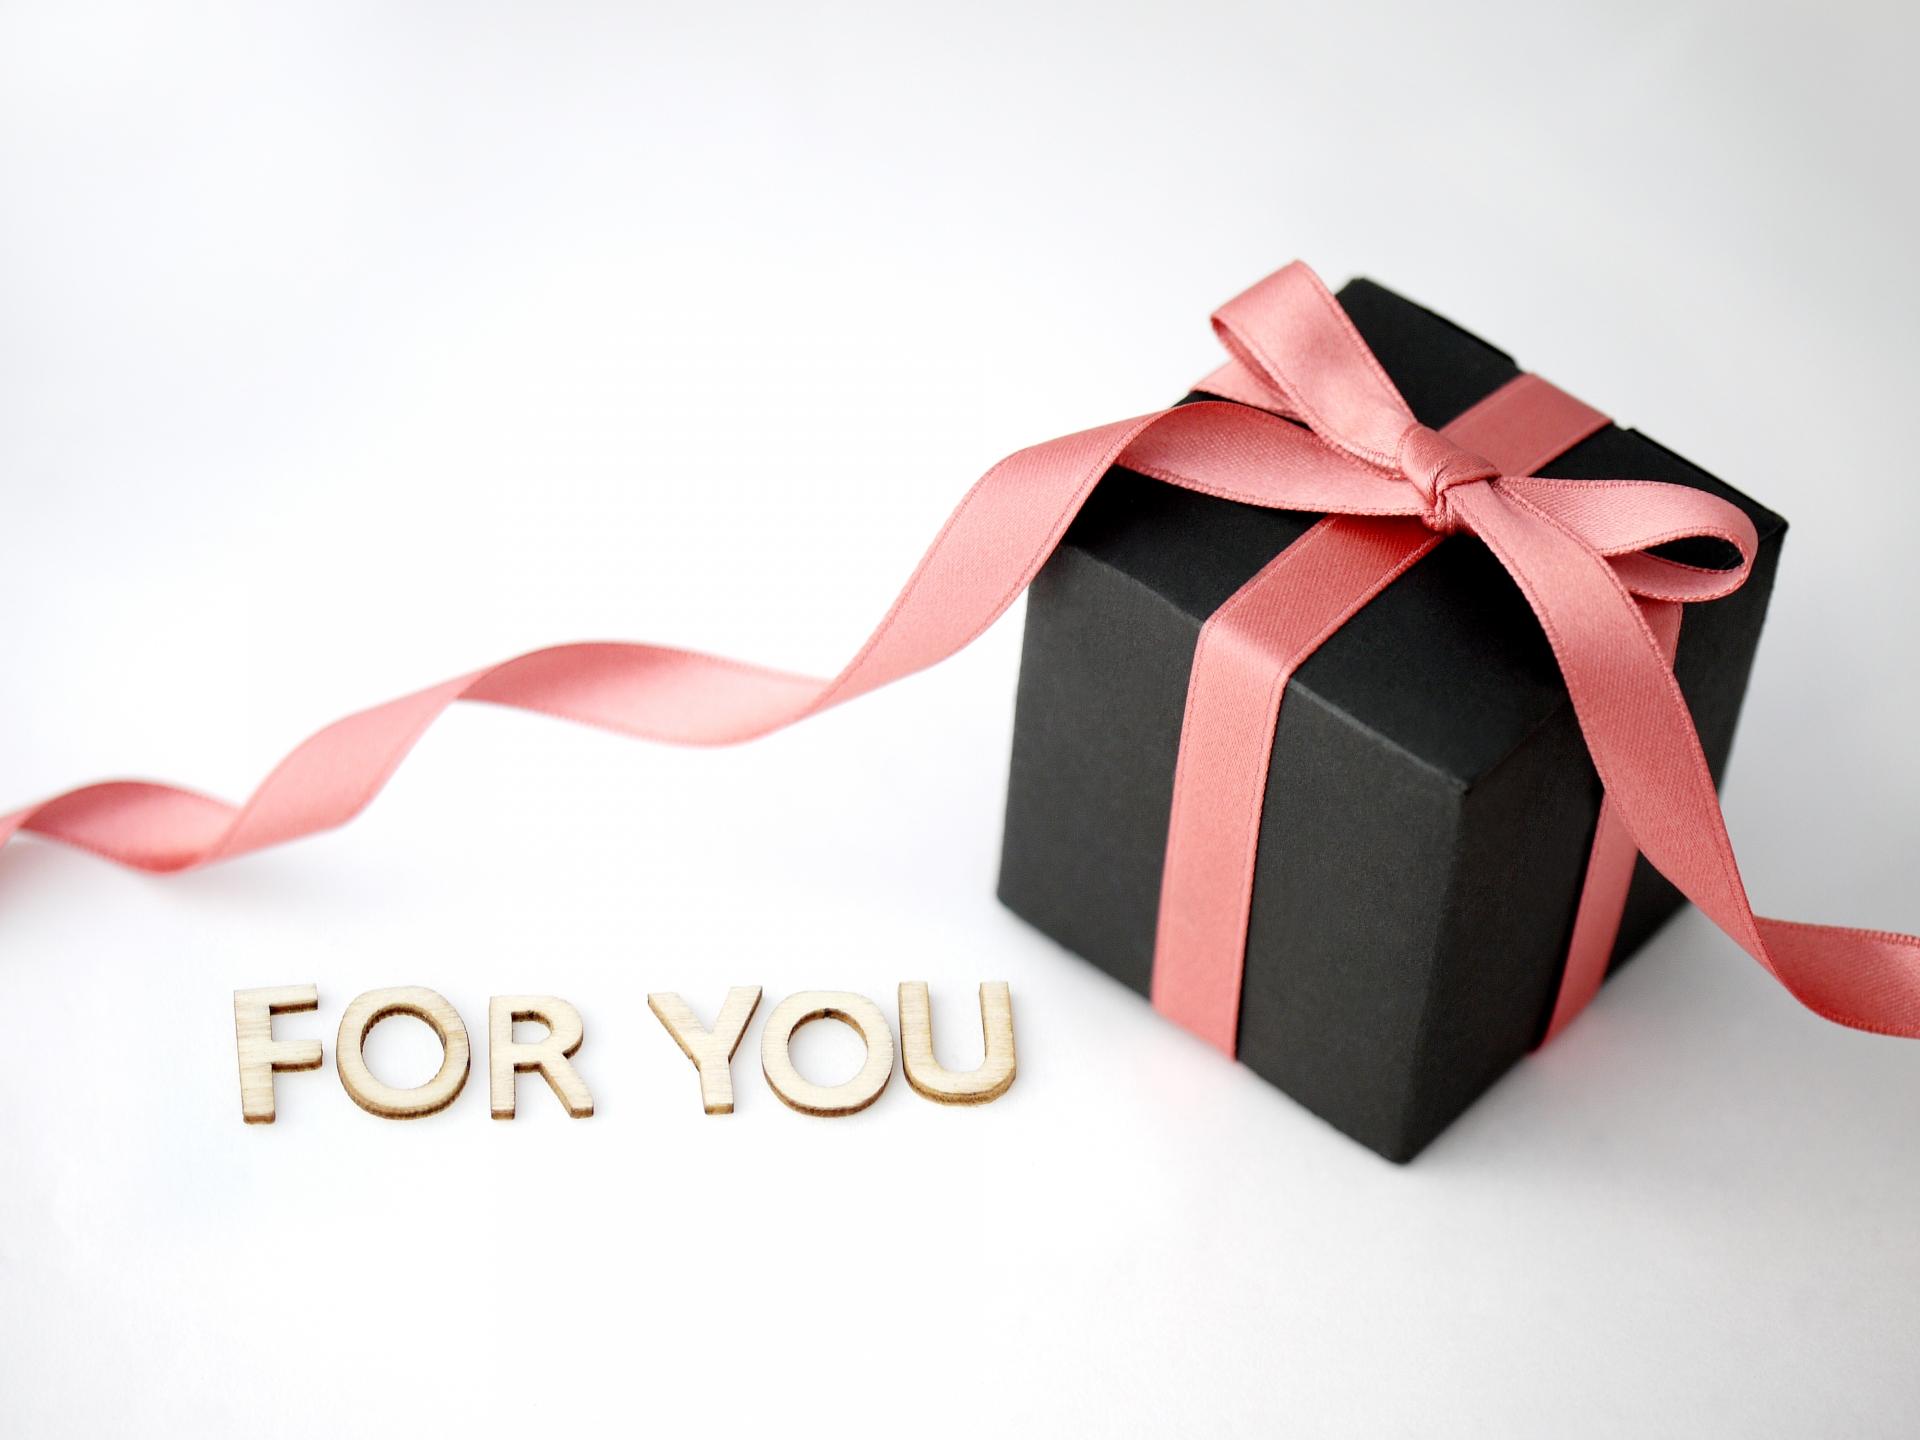 彼氏へのプレゼントに迷ったらこれ!あなたも彼も幸せになれる素敵でおすすめなプレゼント